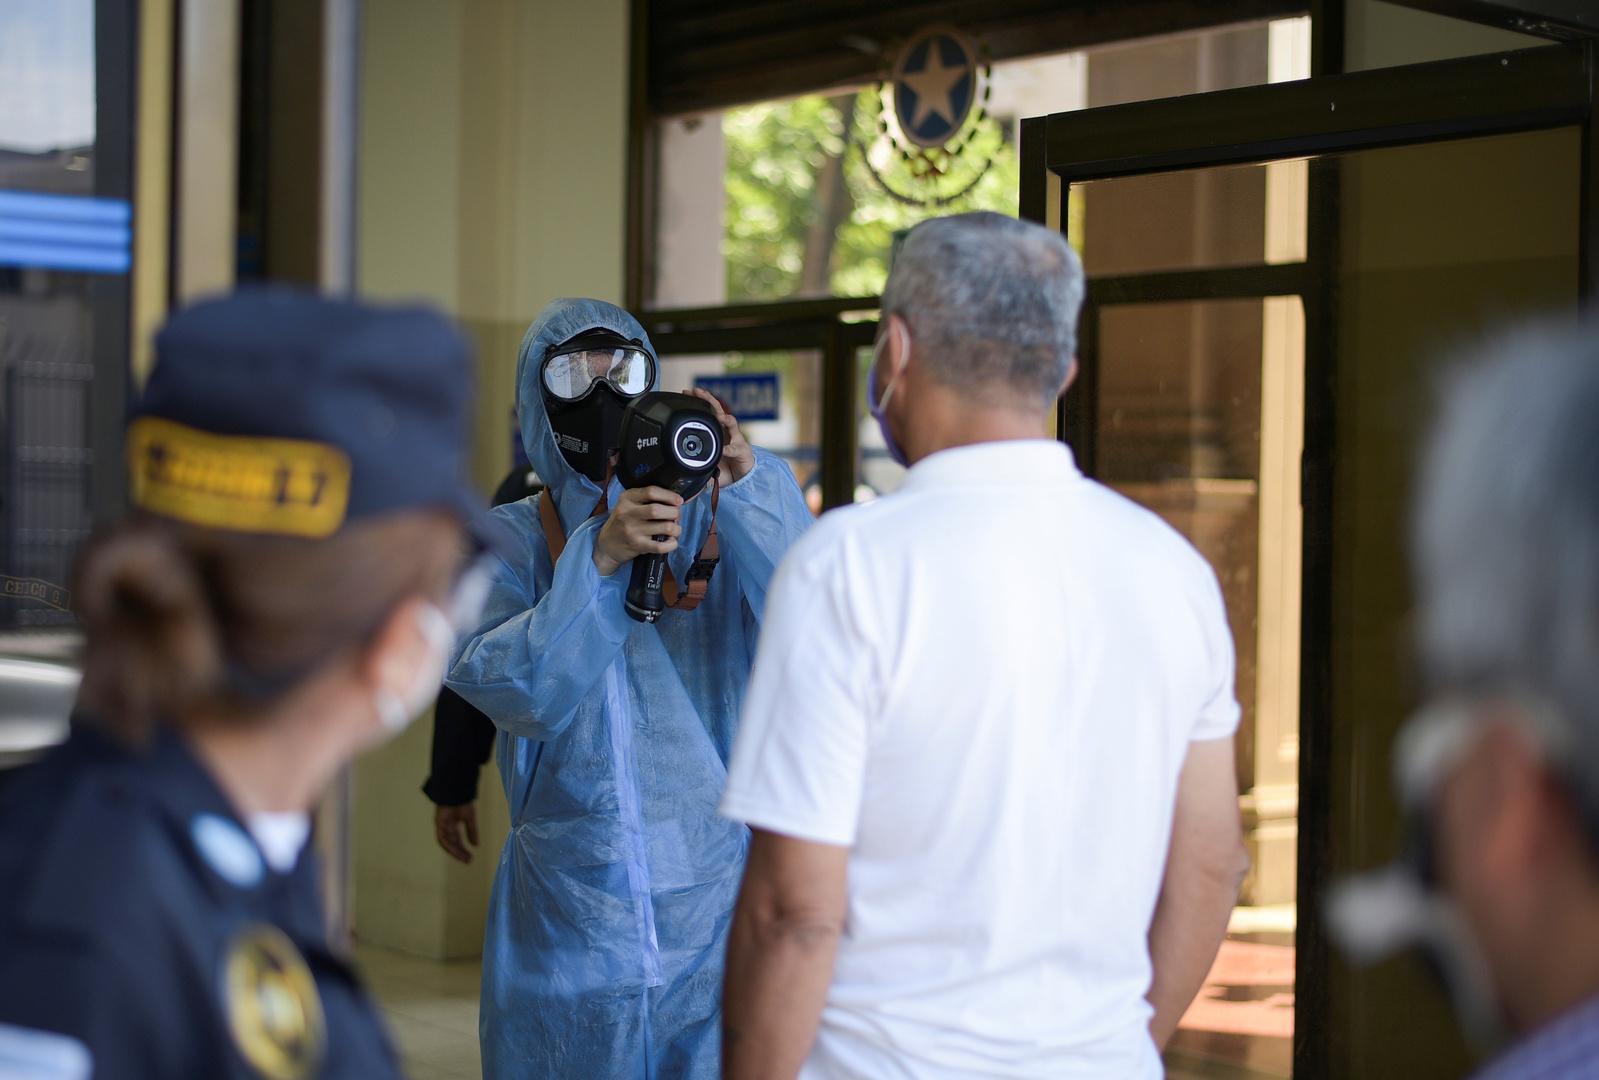 الإكوادور تؤكد تسجيل أول إصابة